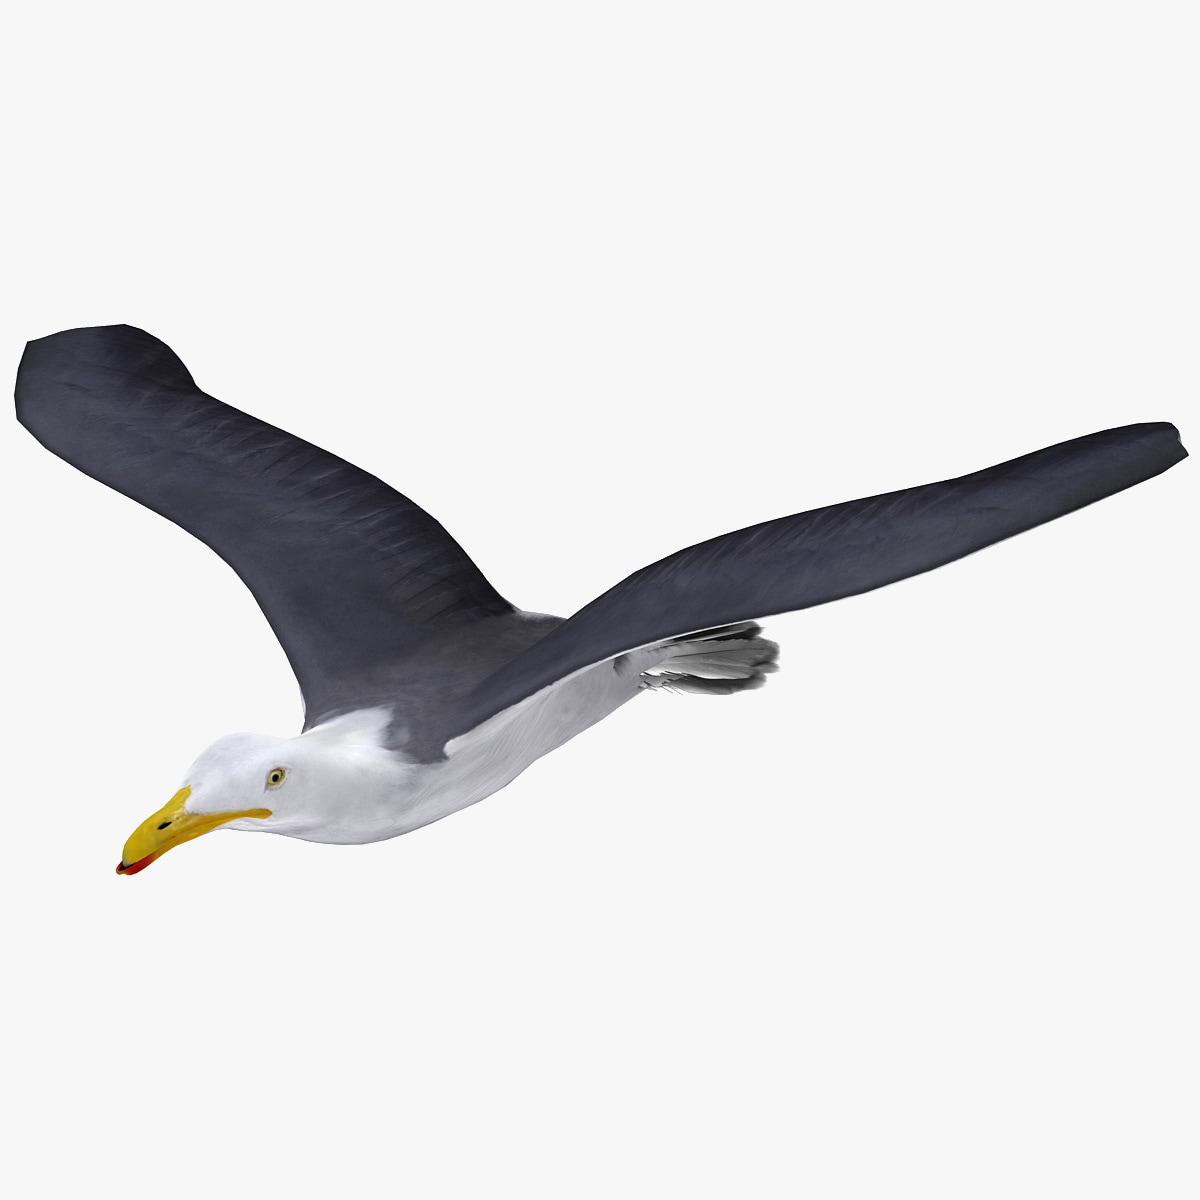 Gull_Flying_Animation_V2_000.jpg